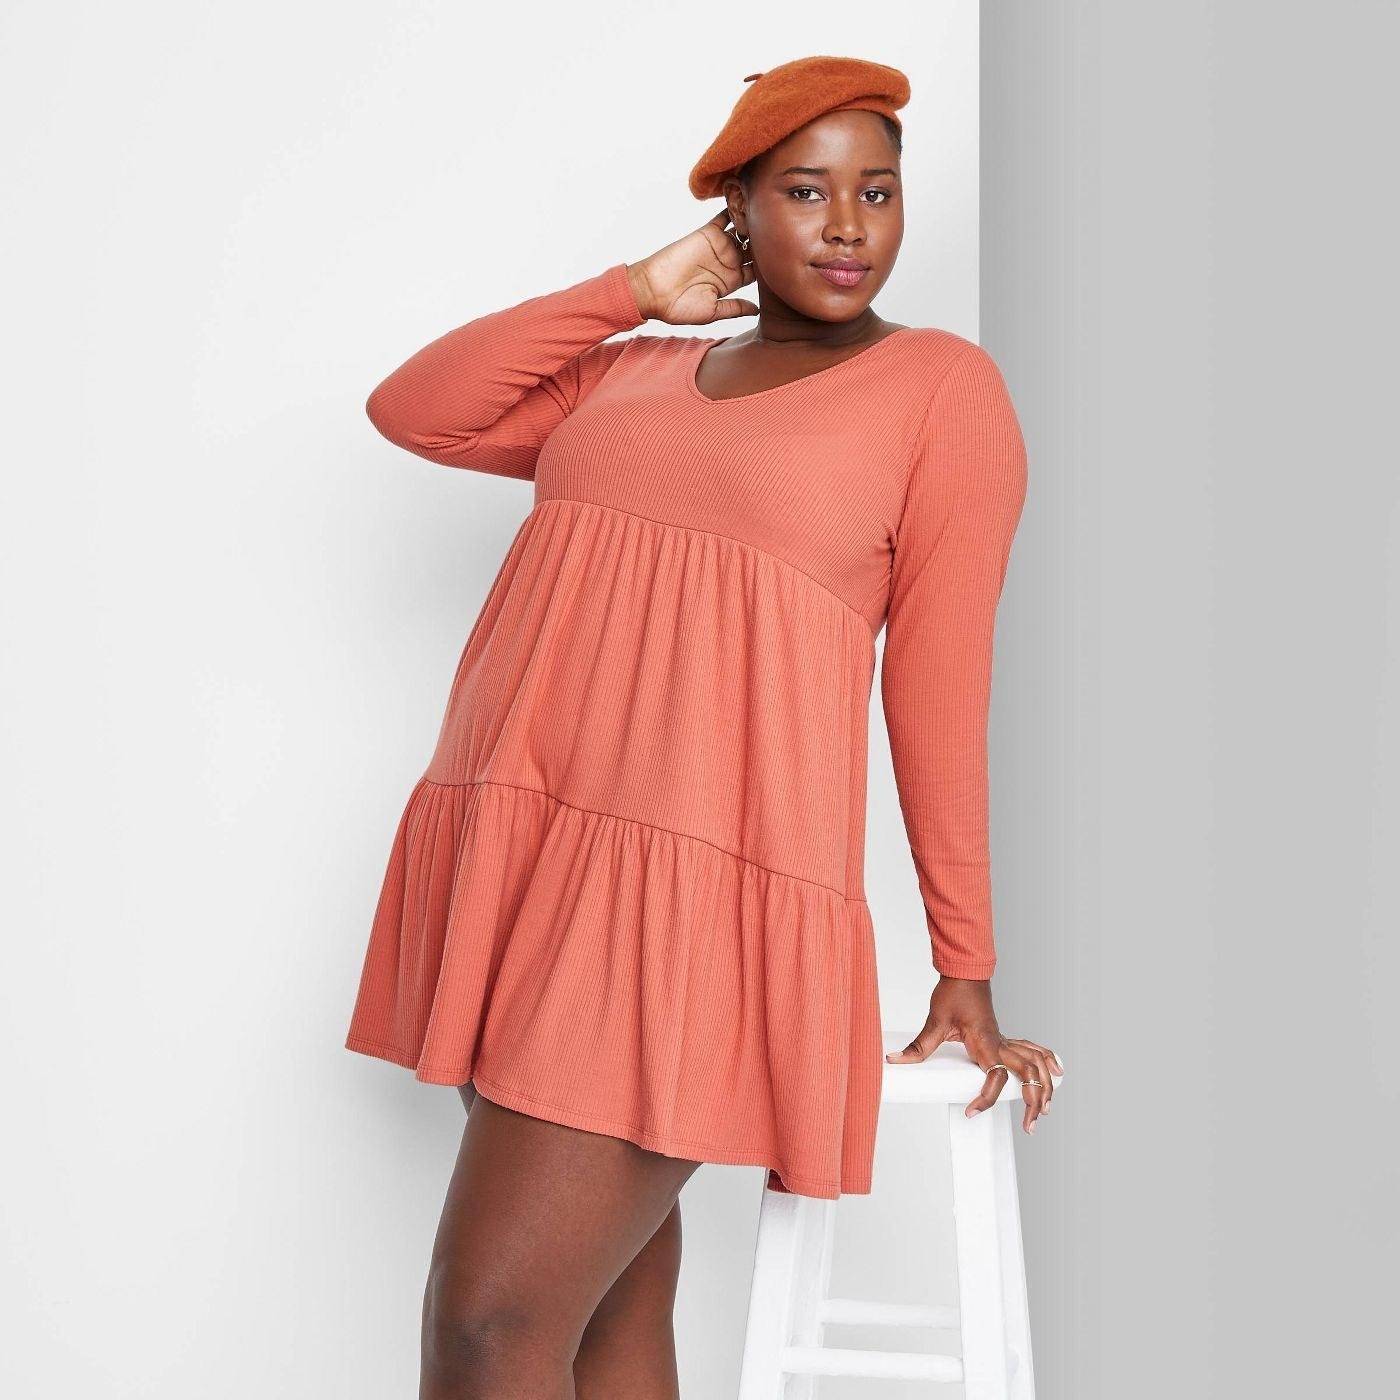 Model wearing ruffled orange dress